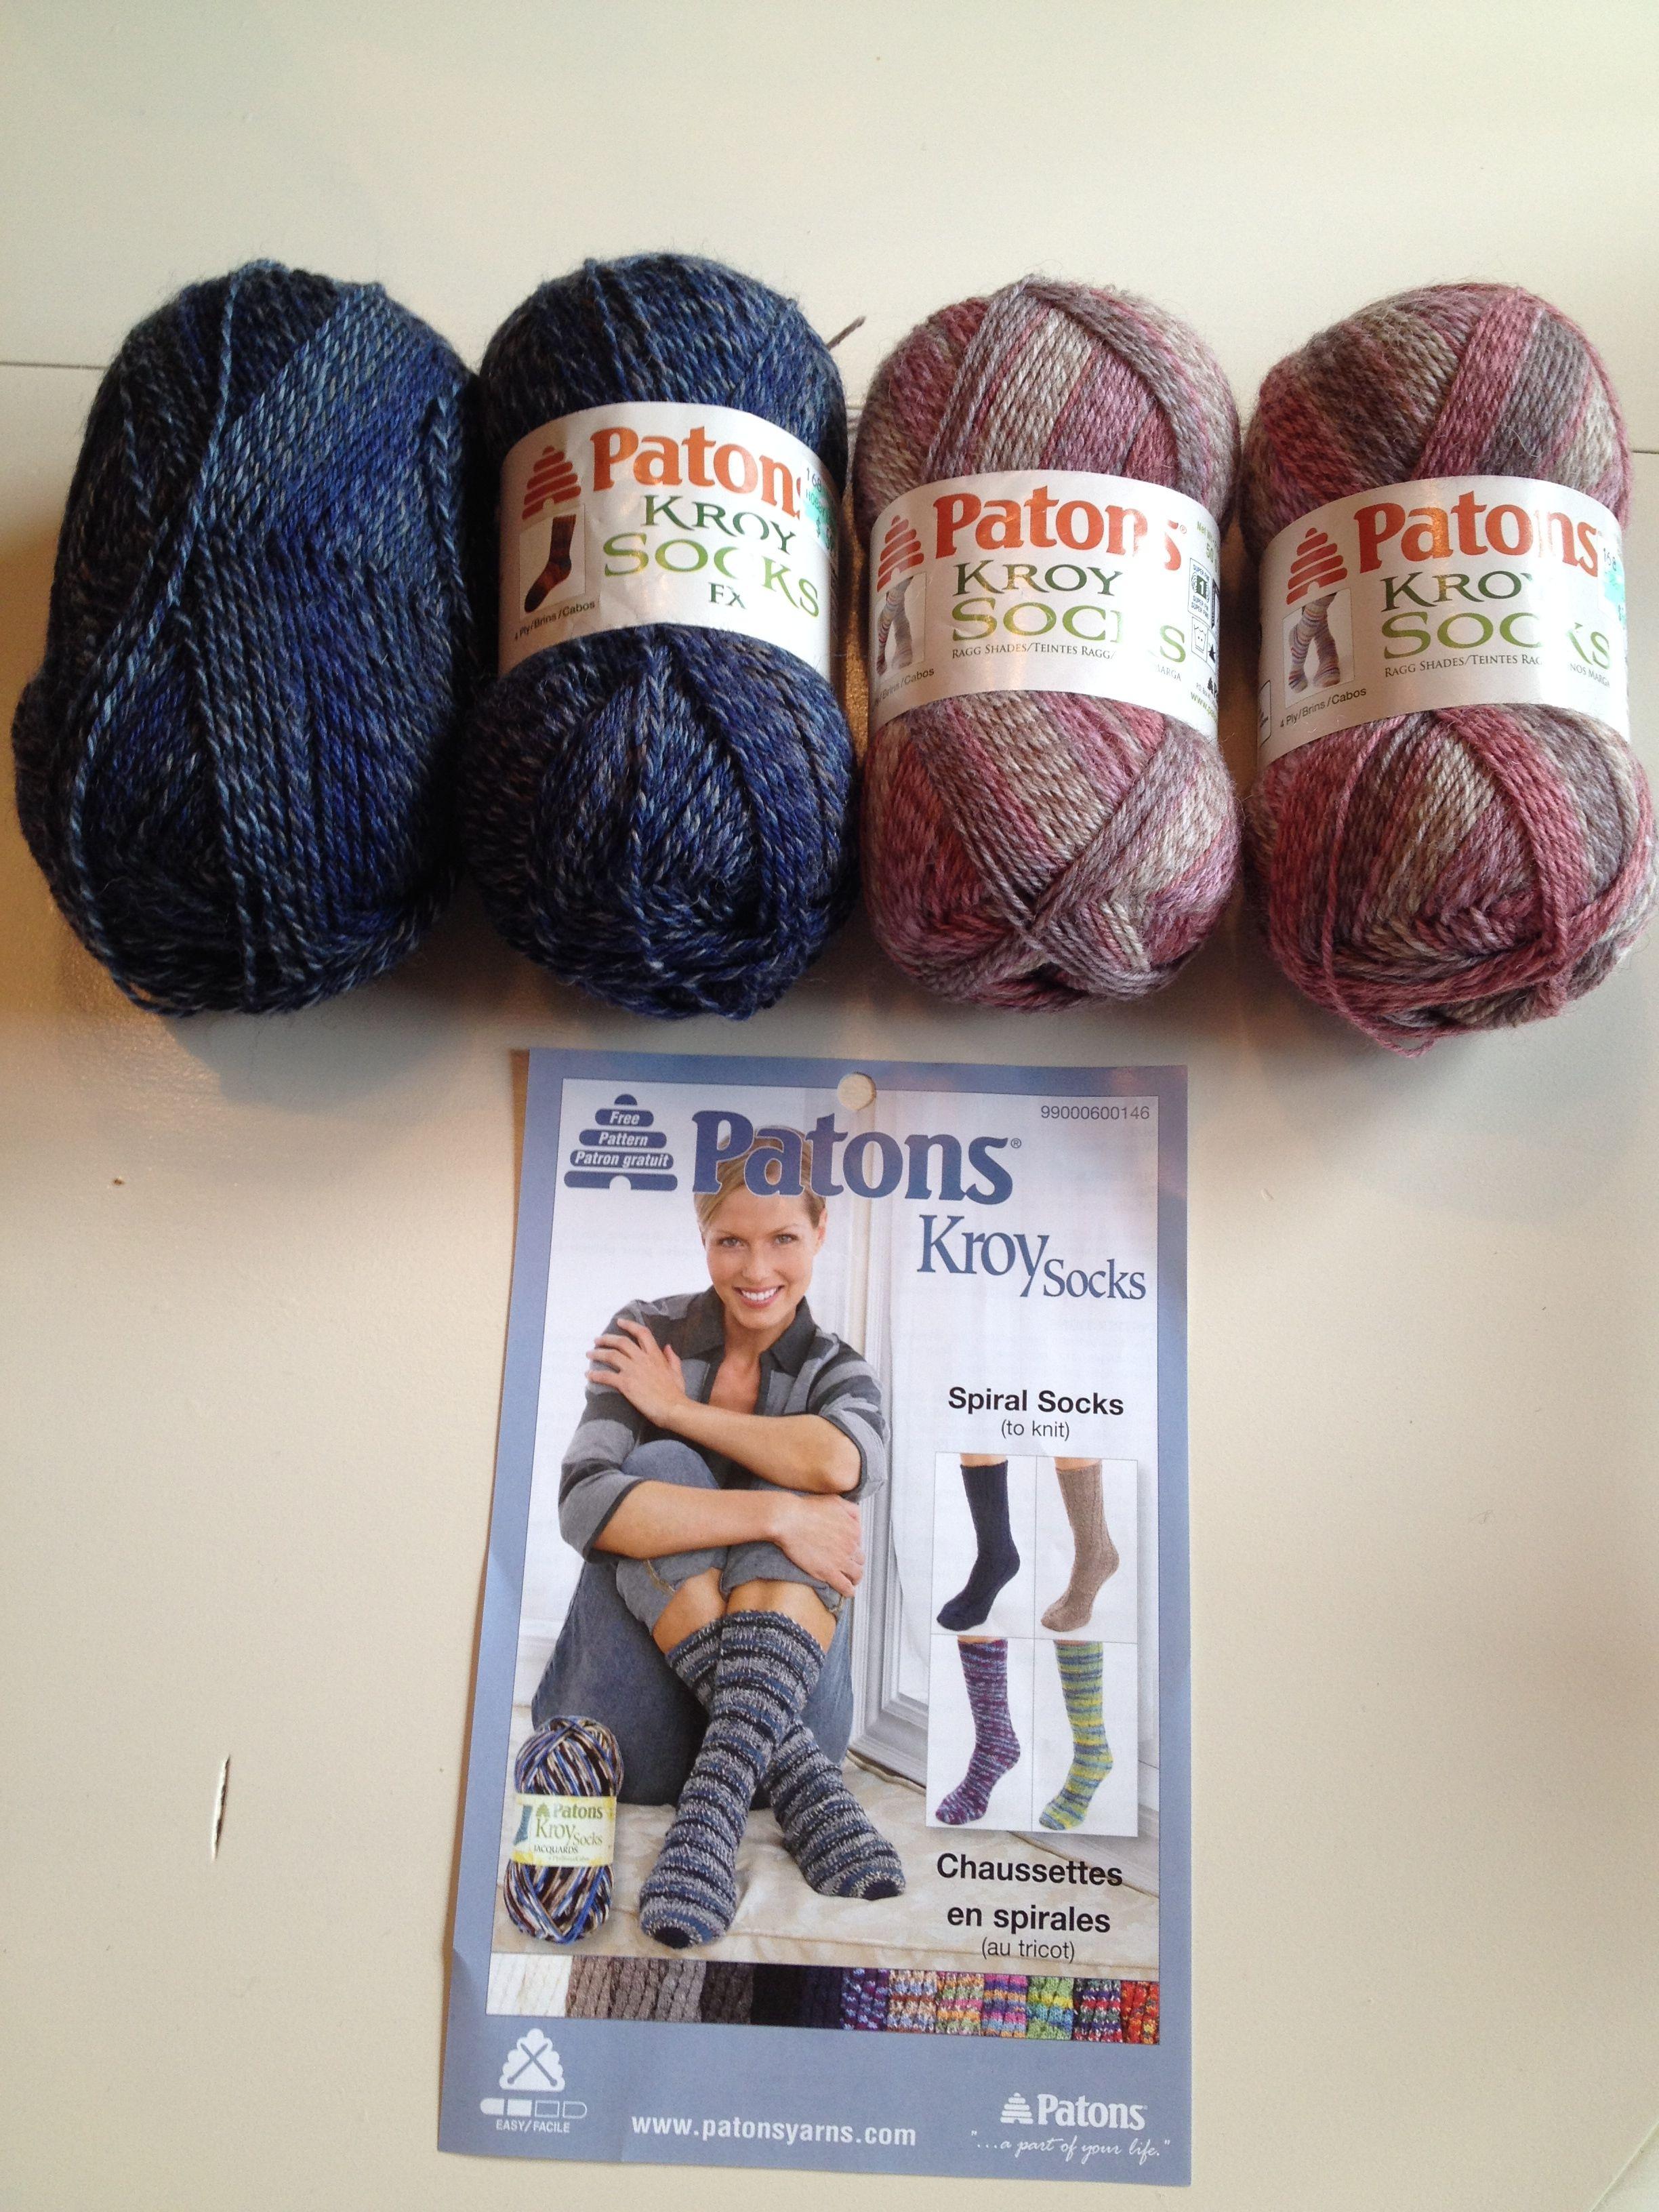 Patons Free Patterns Knitting : free pattern Knit and Crochet